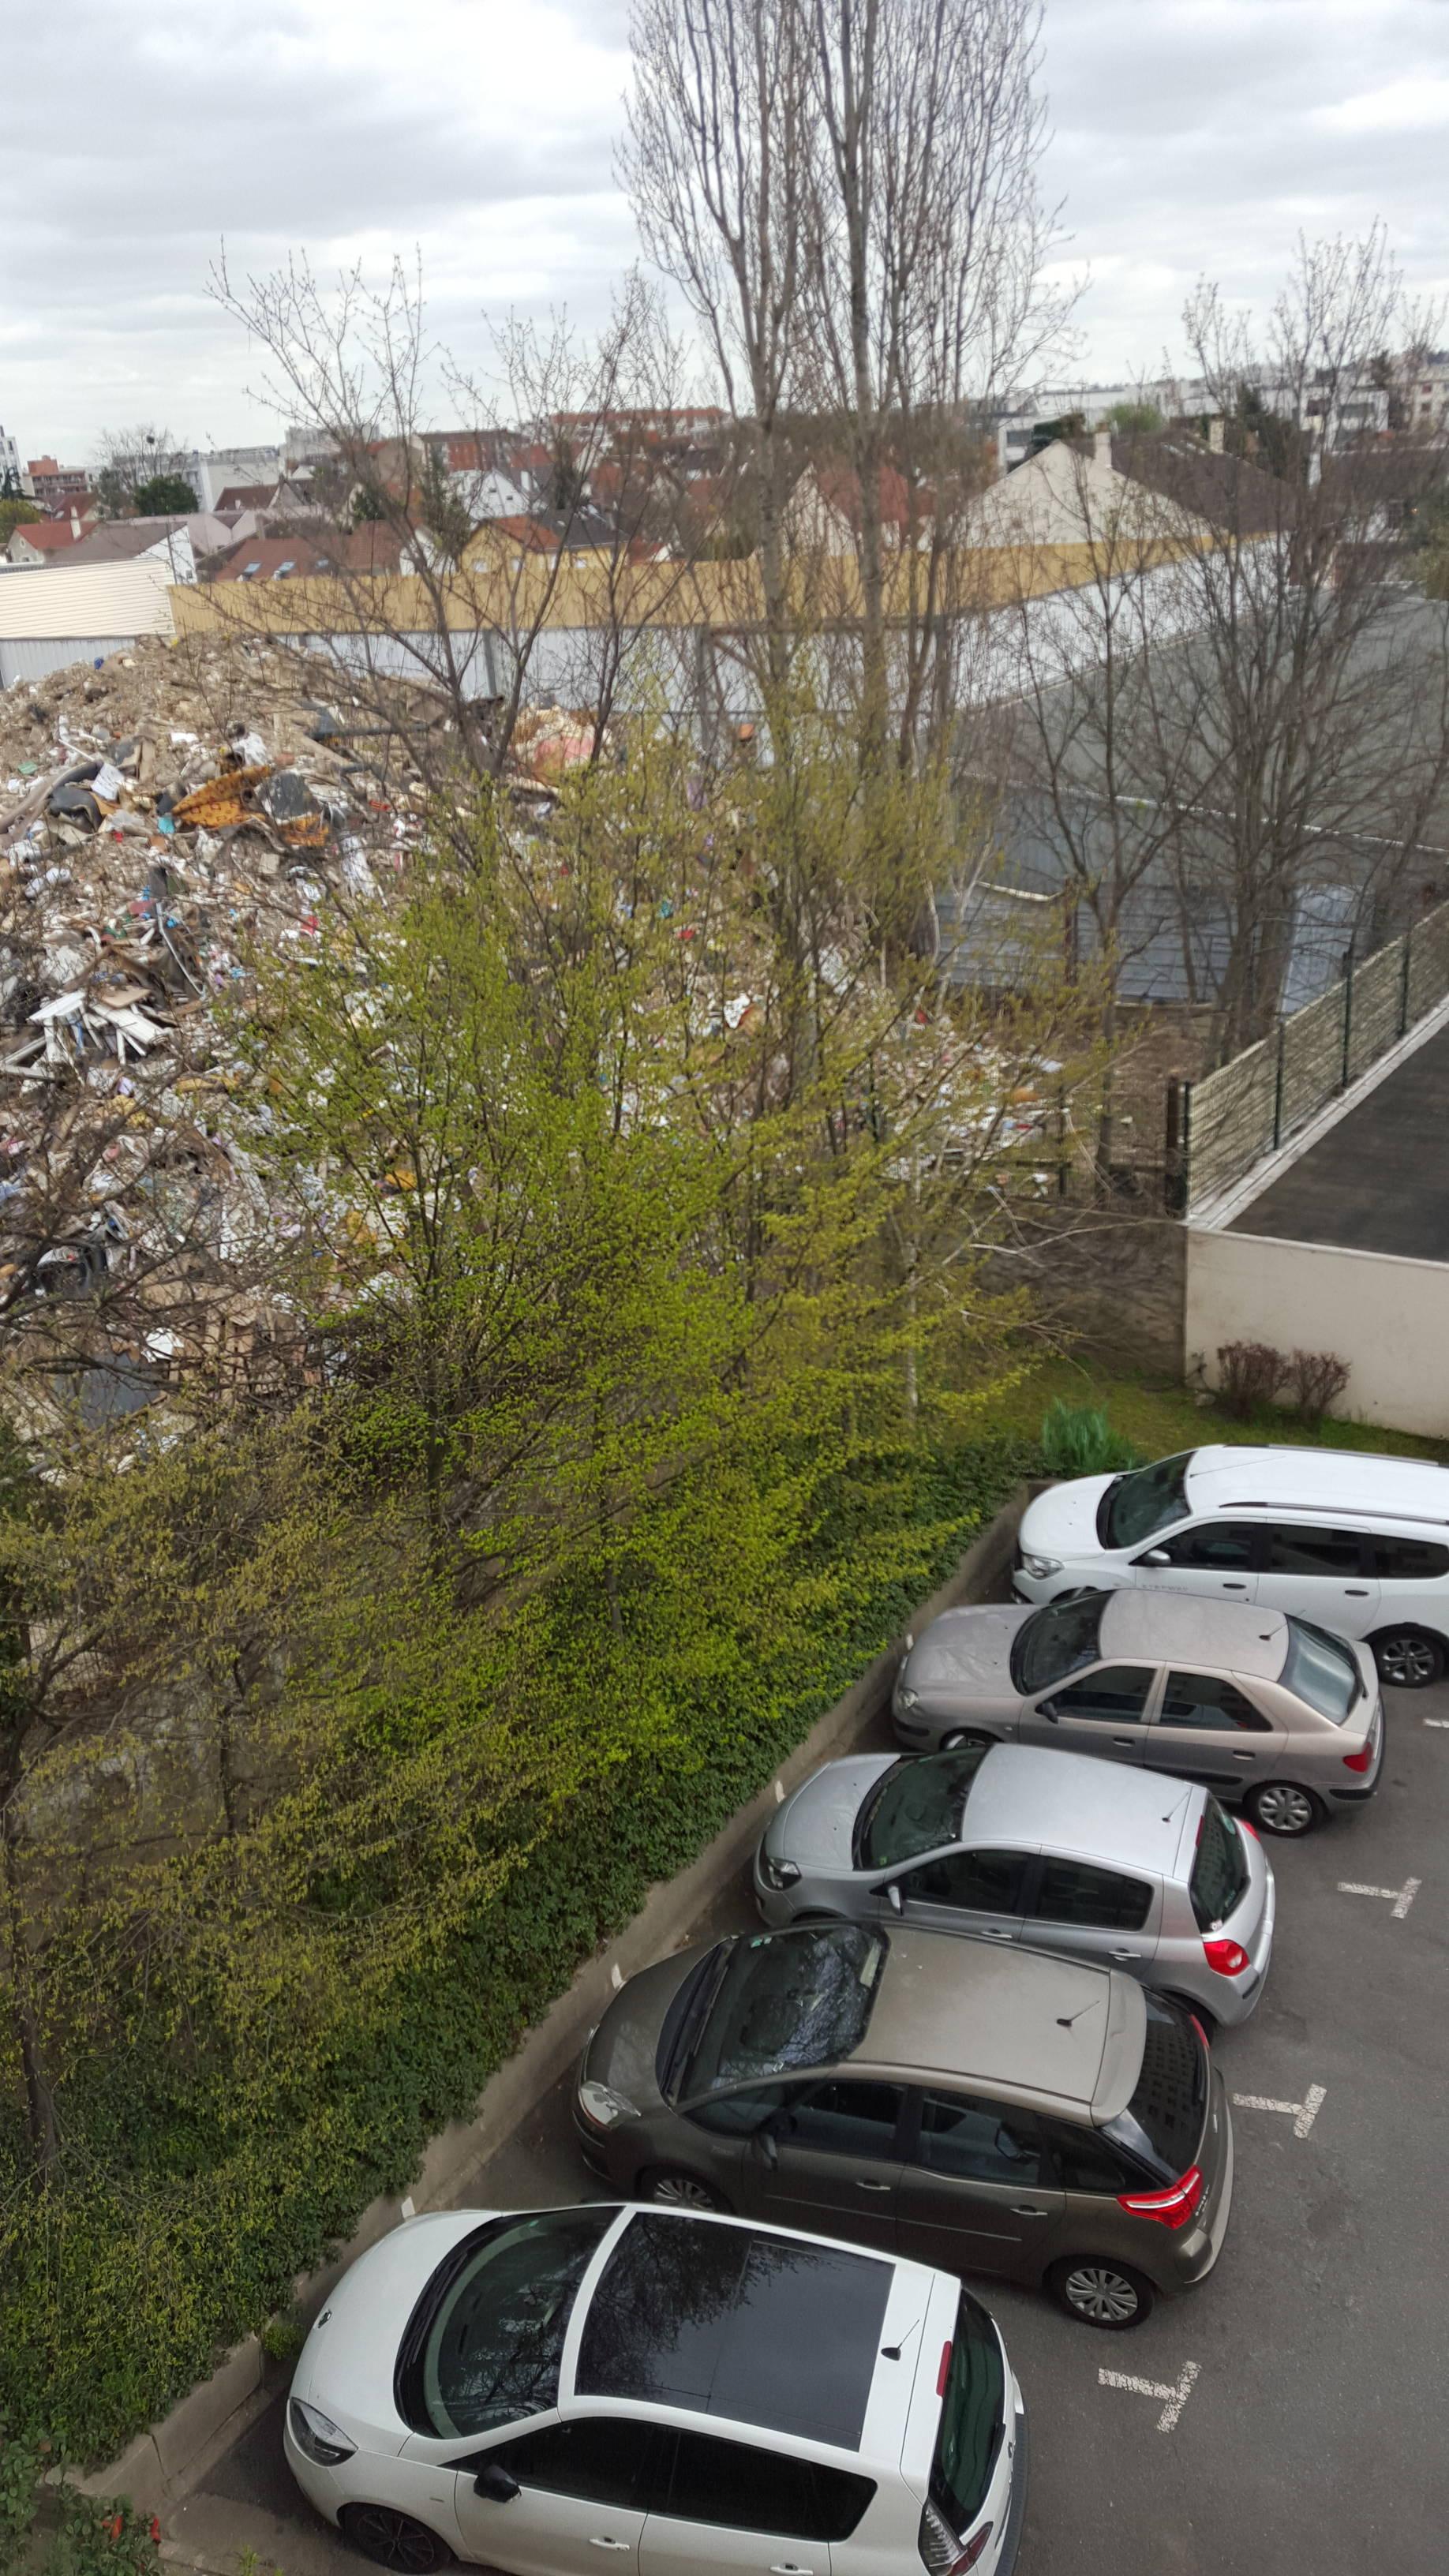 montagne-déchets-diderot-champigny-parking